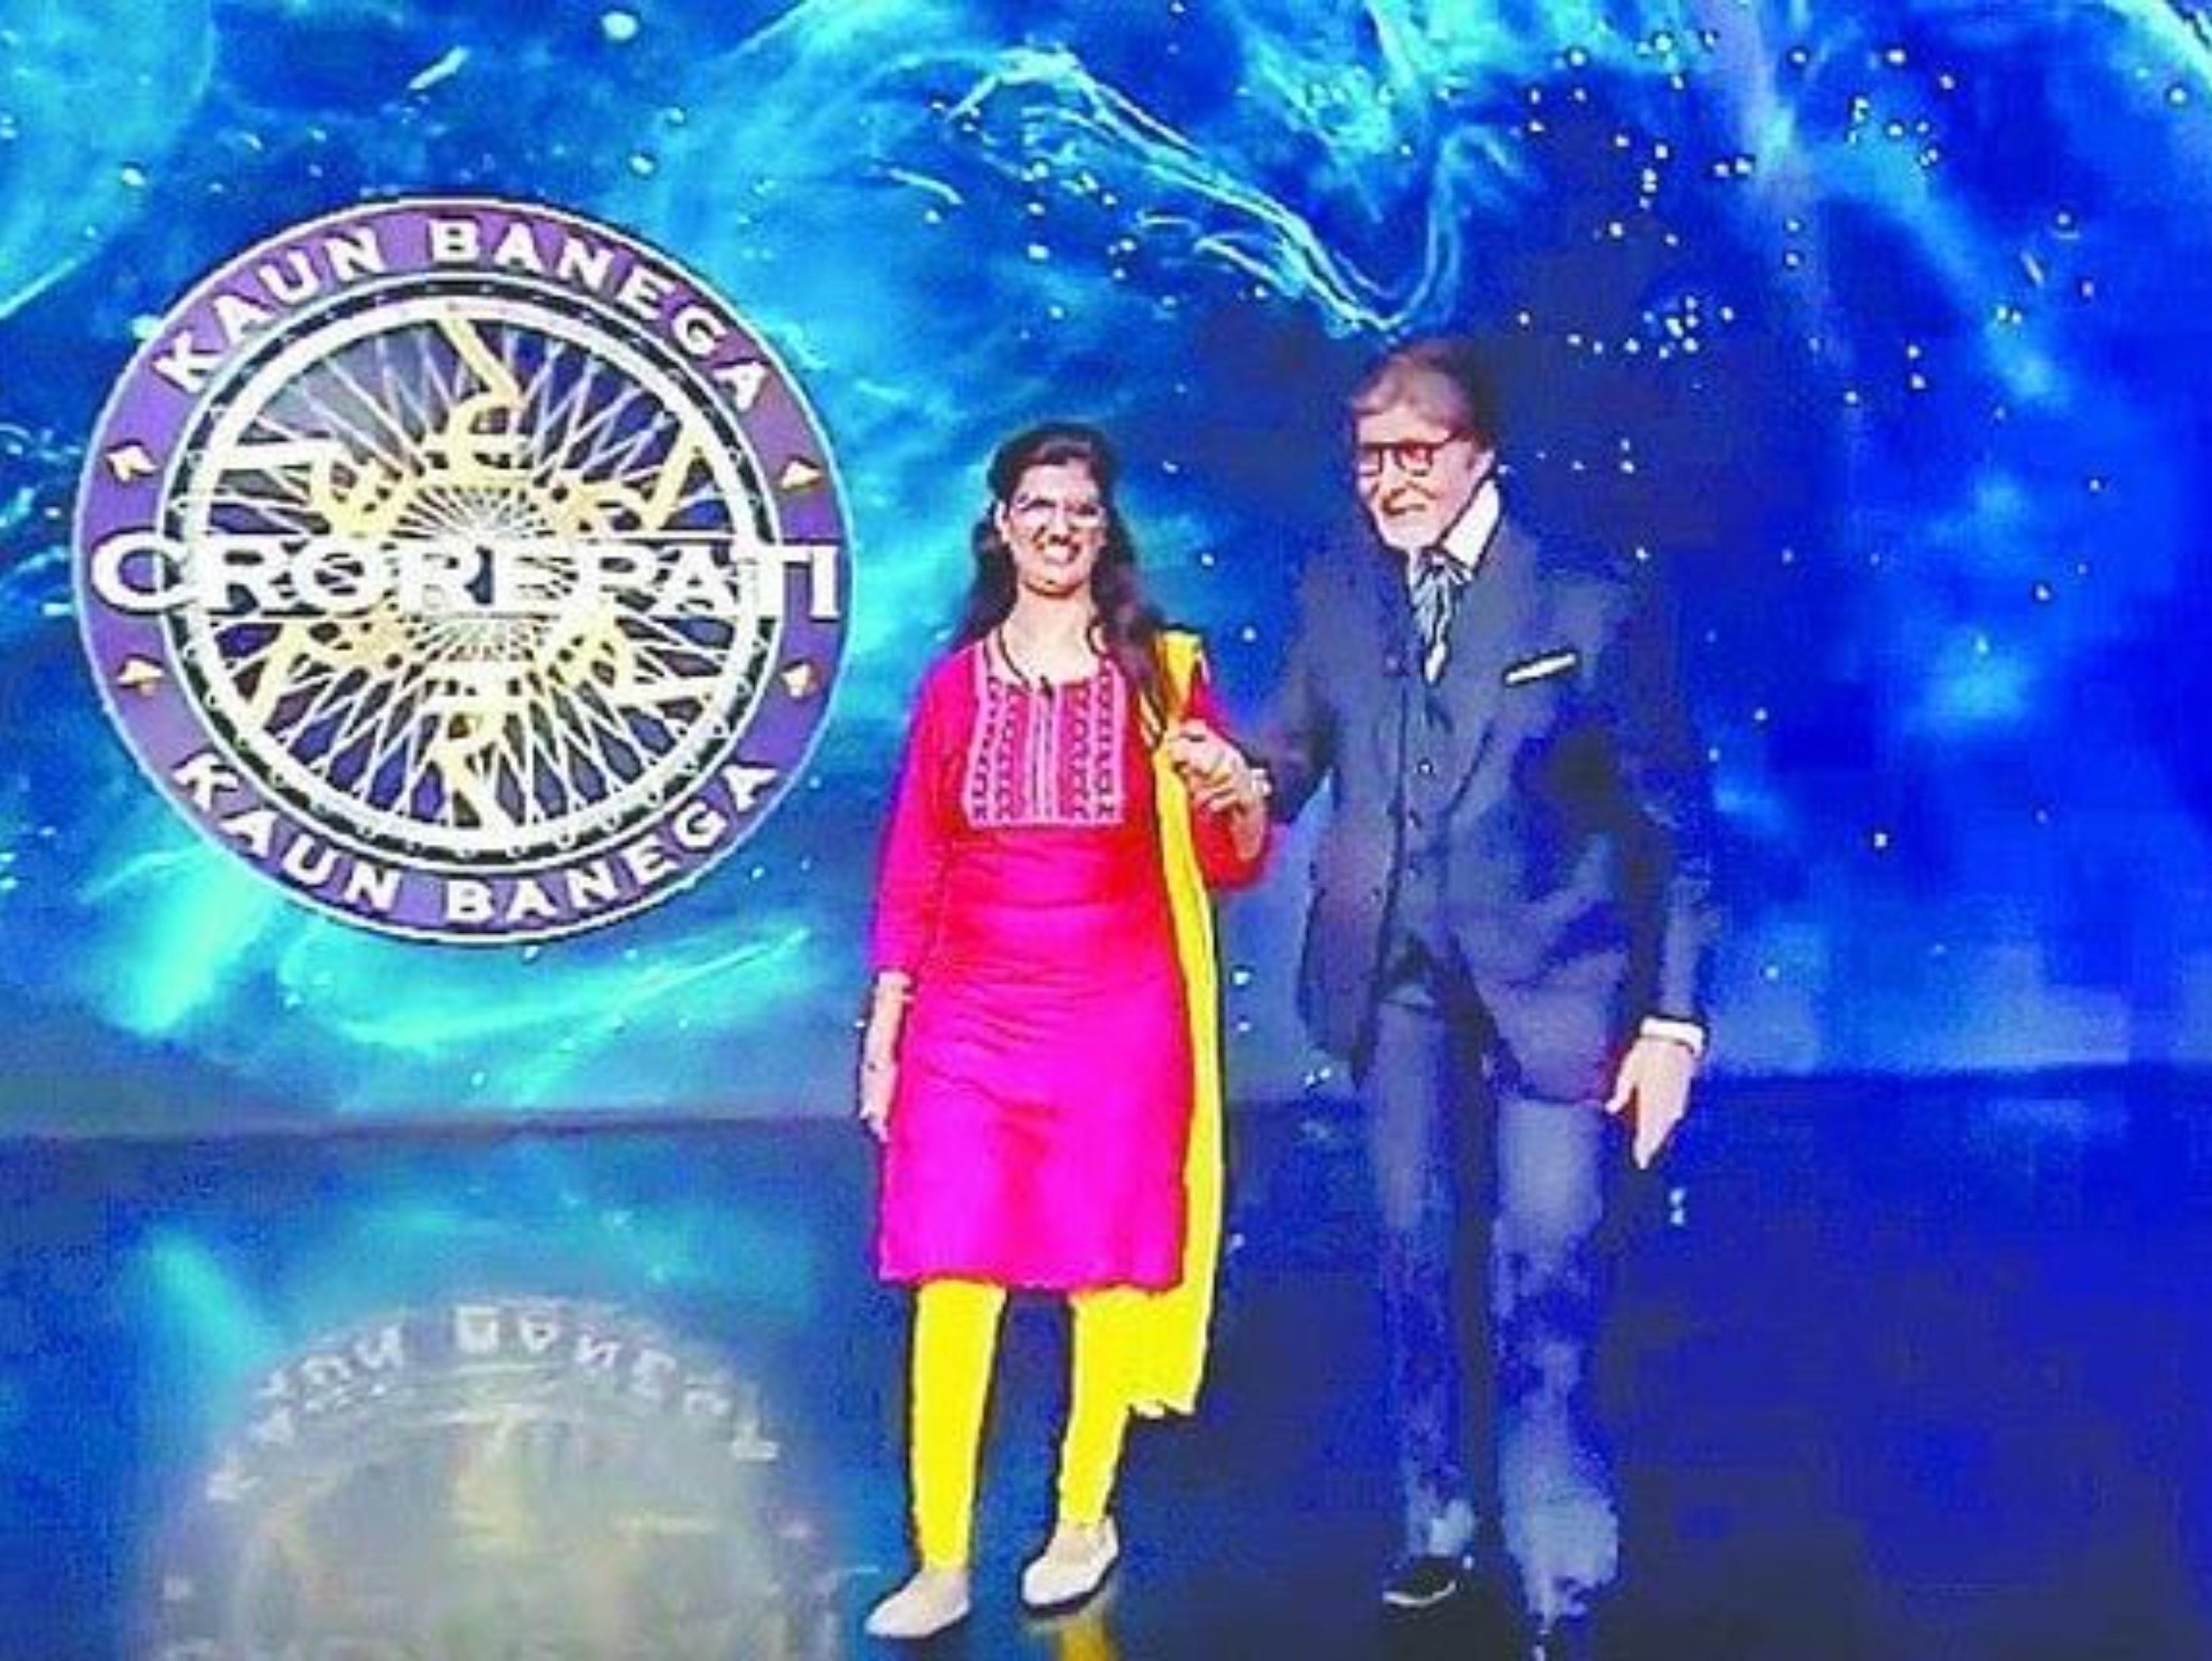 हिमानी बुंदेला बनी कौन बनेगा करोड़पति-13 की पहली करोड़पति, गणित पढ़ाती हैं लेकिन आँखों से देख नहीं सकती|टीवी,TV - Dainik Bhaskar